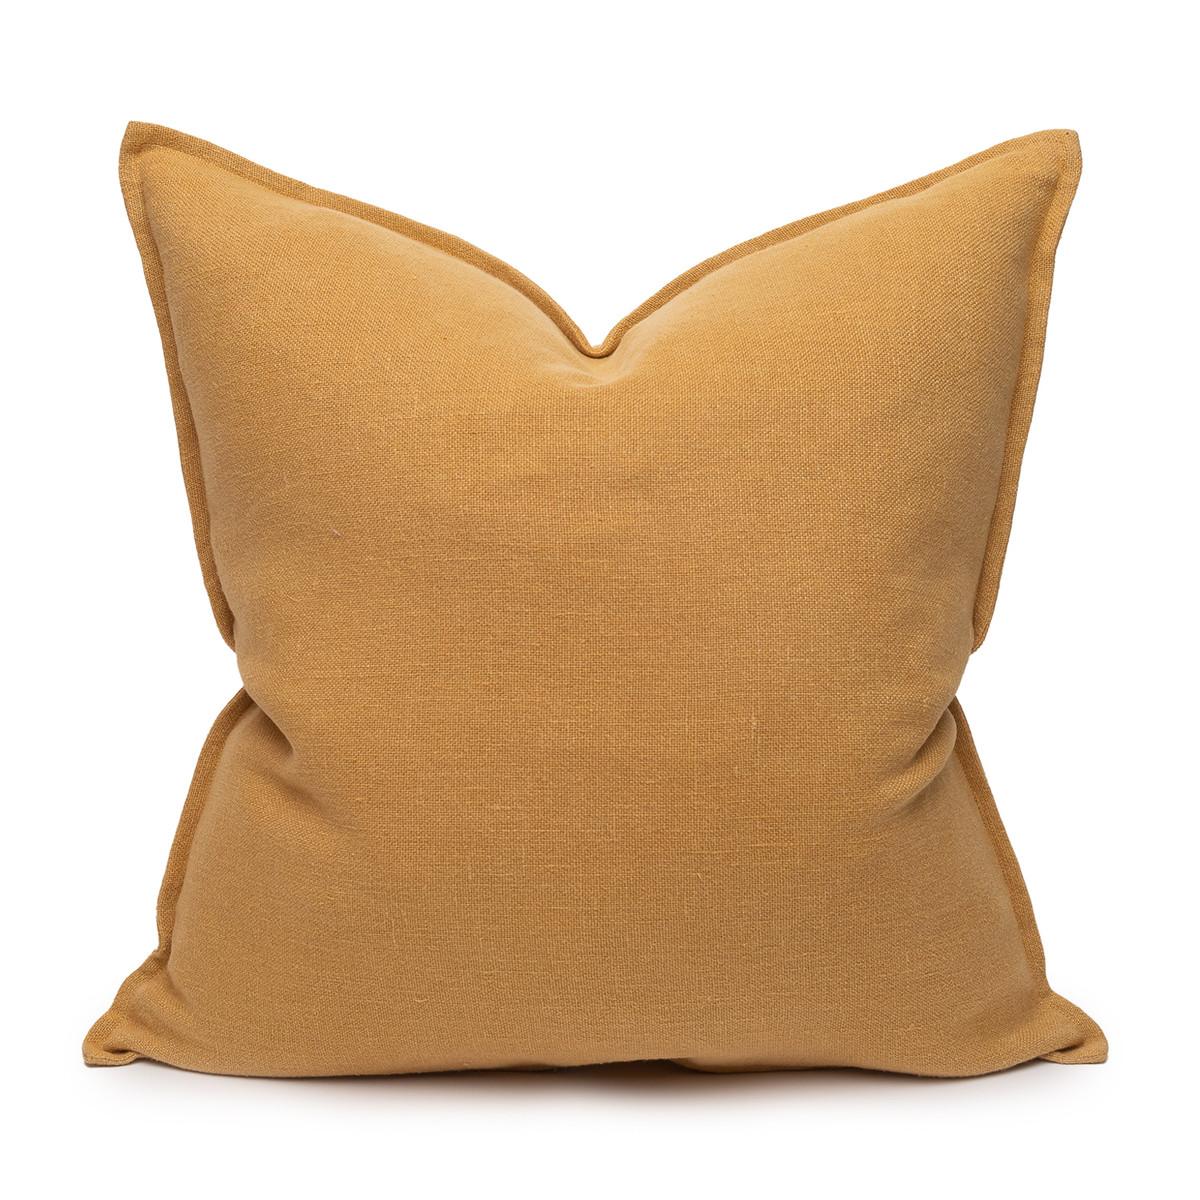 simone pillow dijon 22